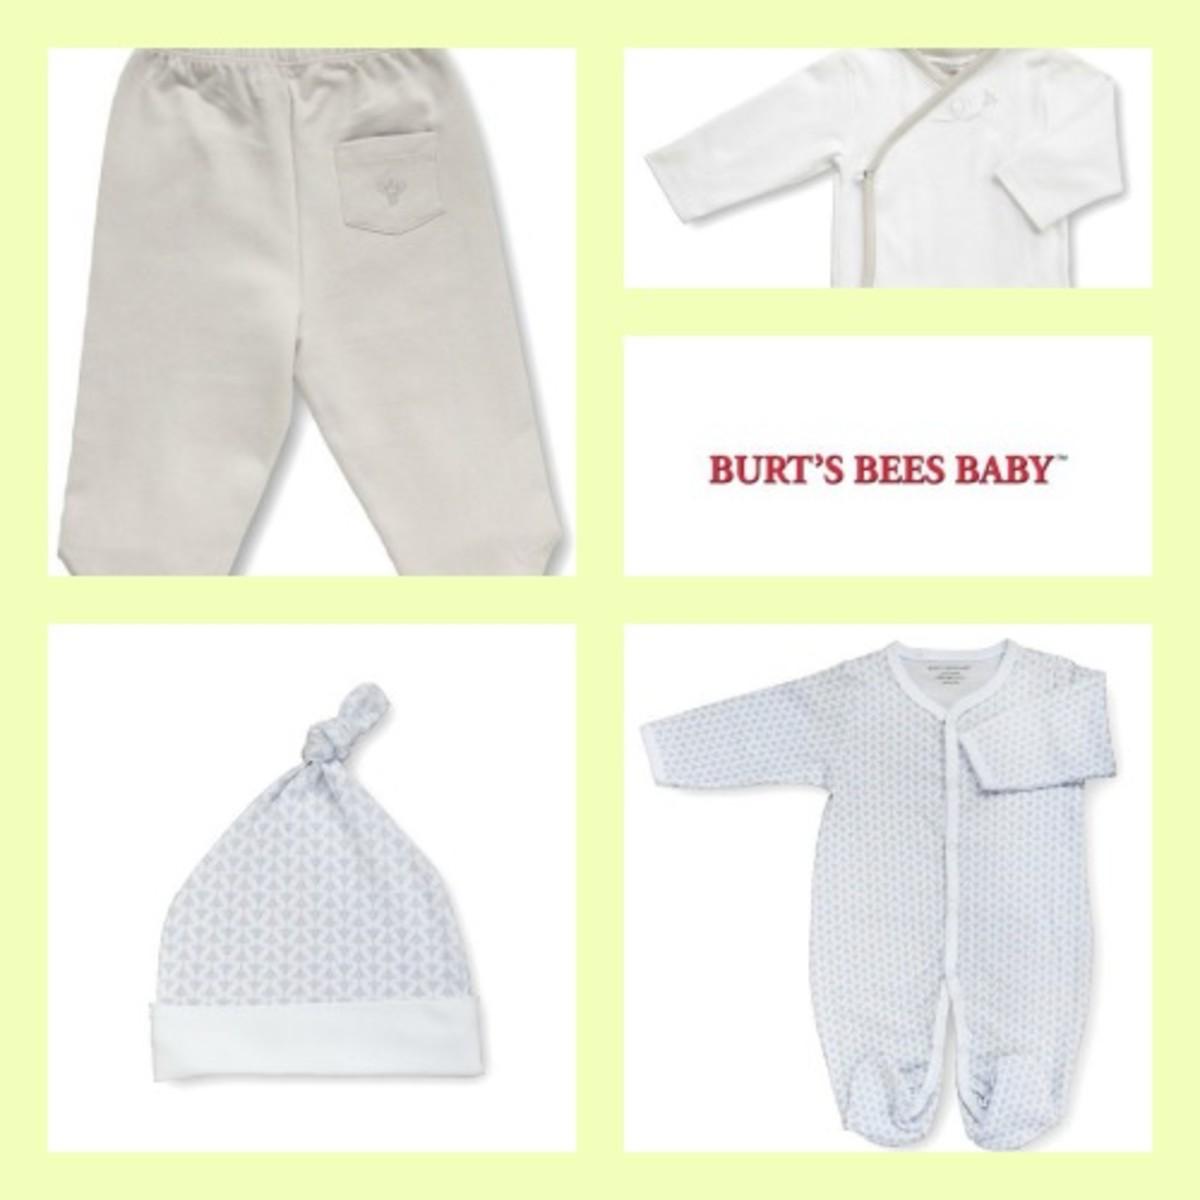 burts_bees_baby